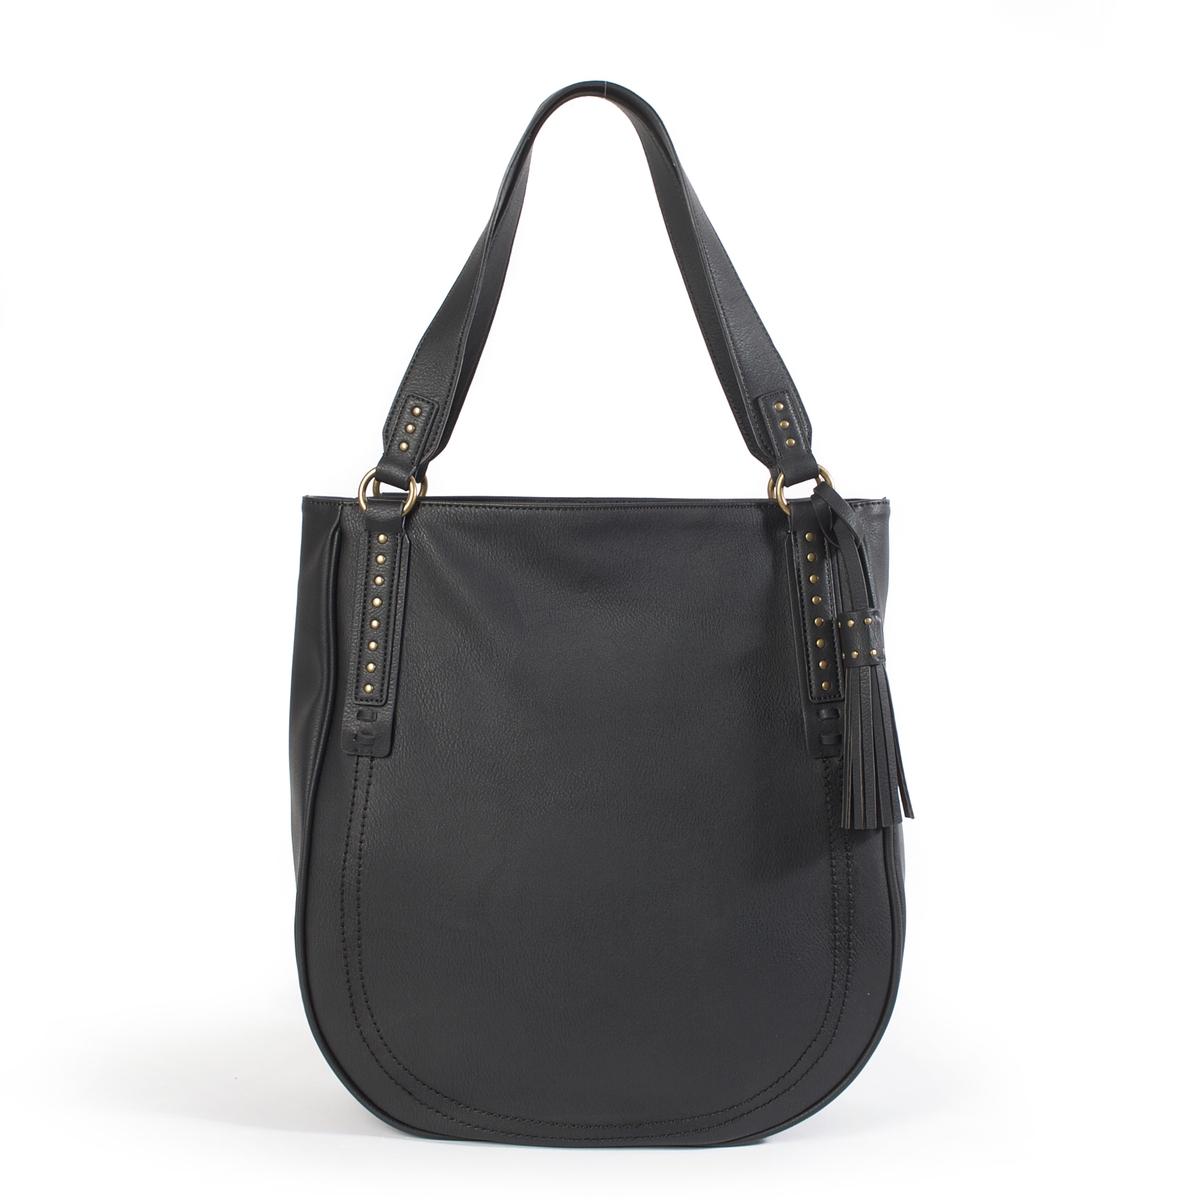 Сумка Whitney сумка esprit cc6010f 469